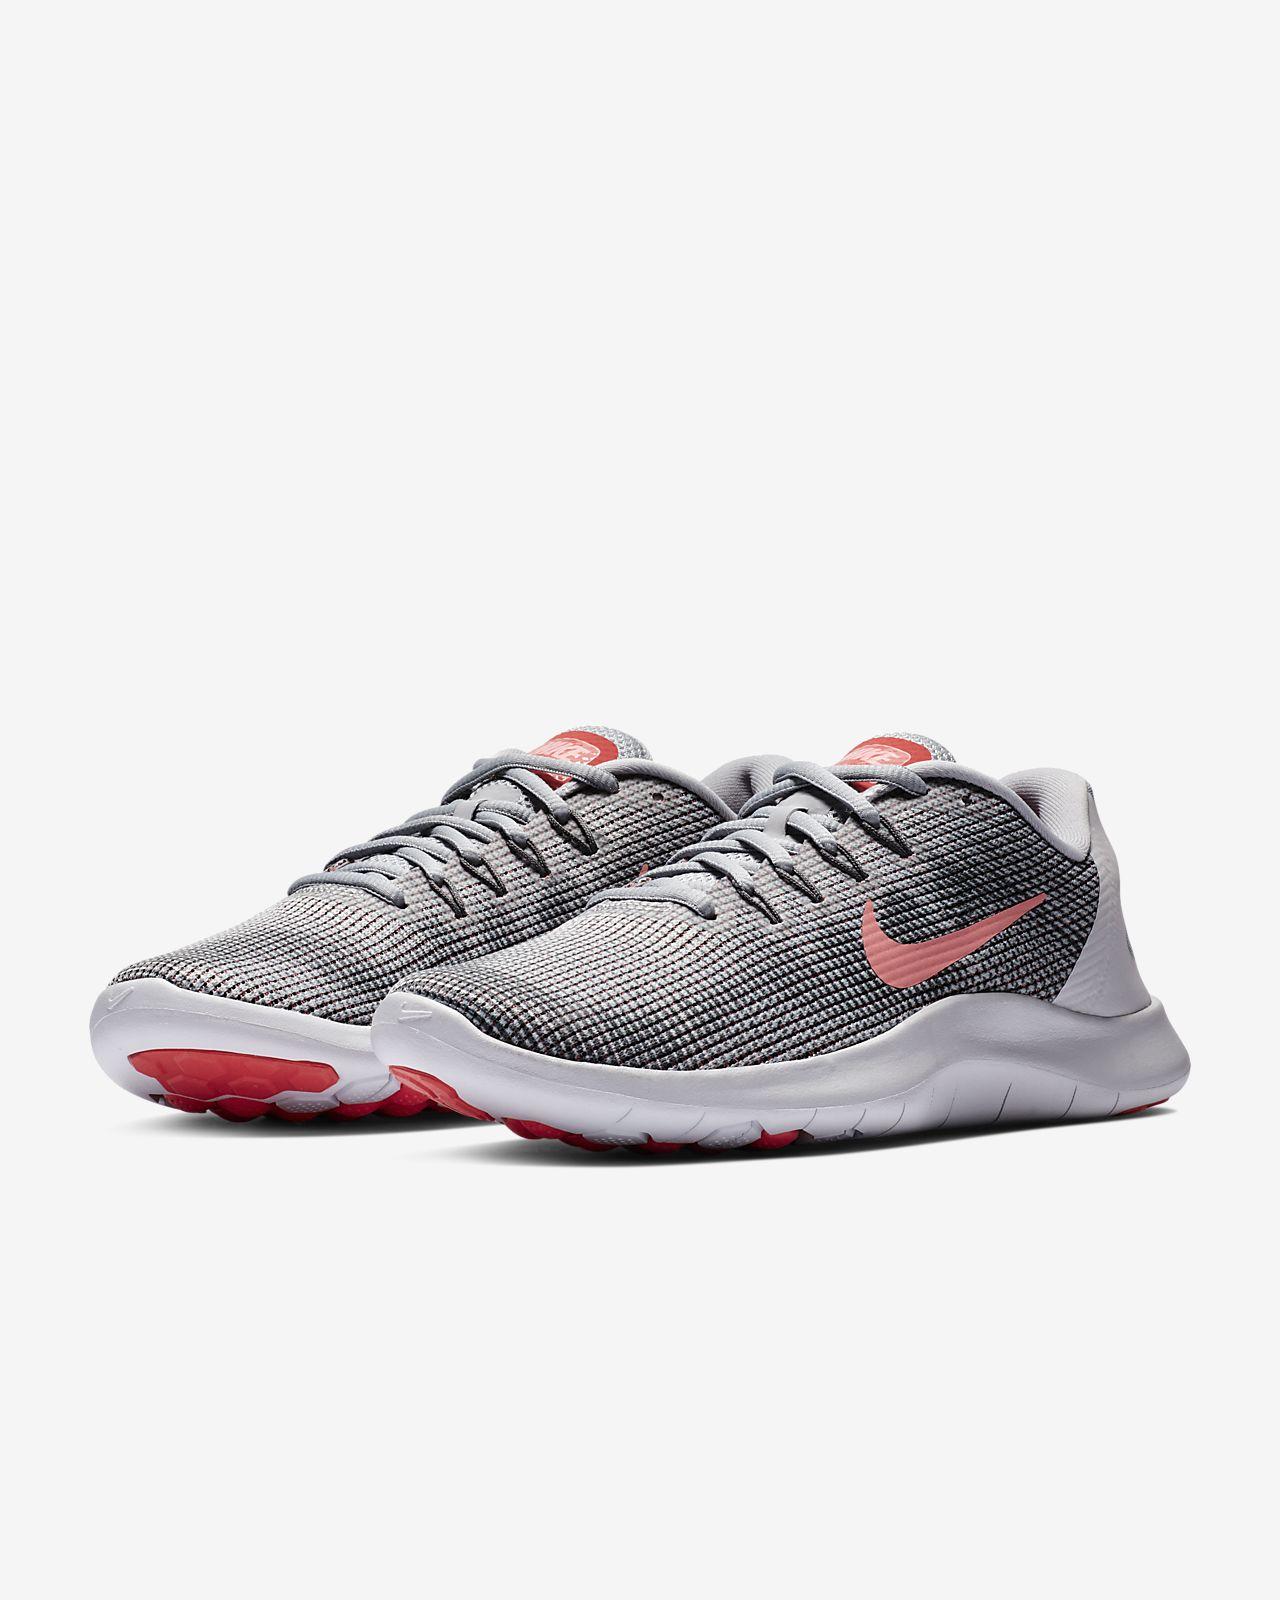 0ea74a66a7 Calzado de running para mujer Nike Flex RN 2018. Nike.com CL